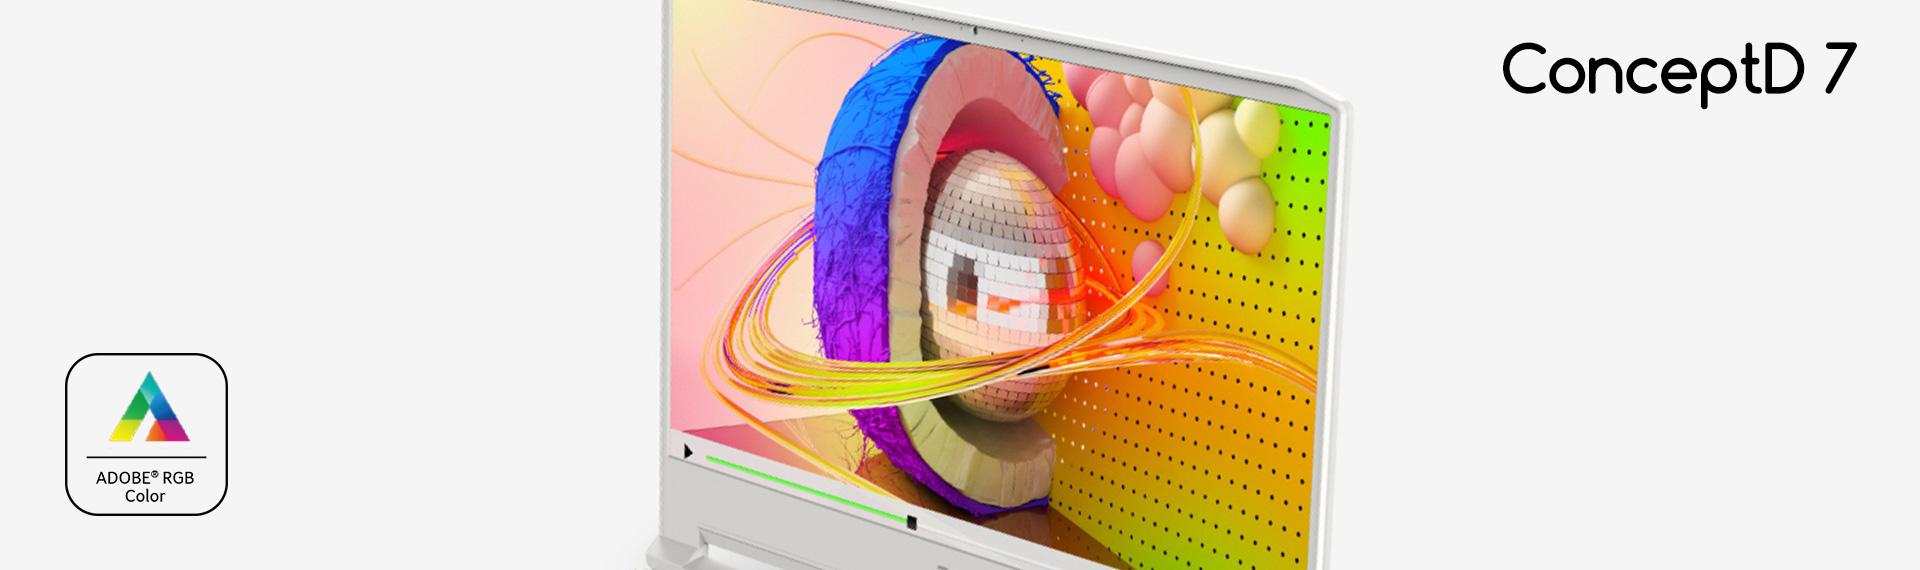 ConceptD 7, Laptop Canggih untuk Pekerja Kreatif